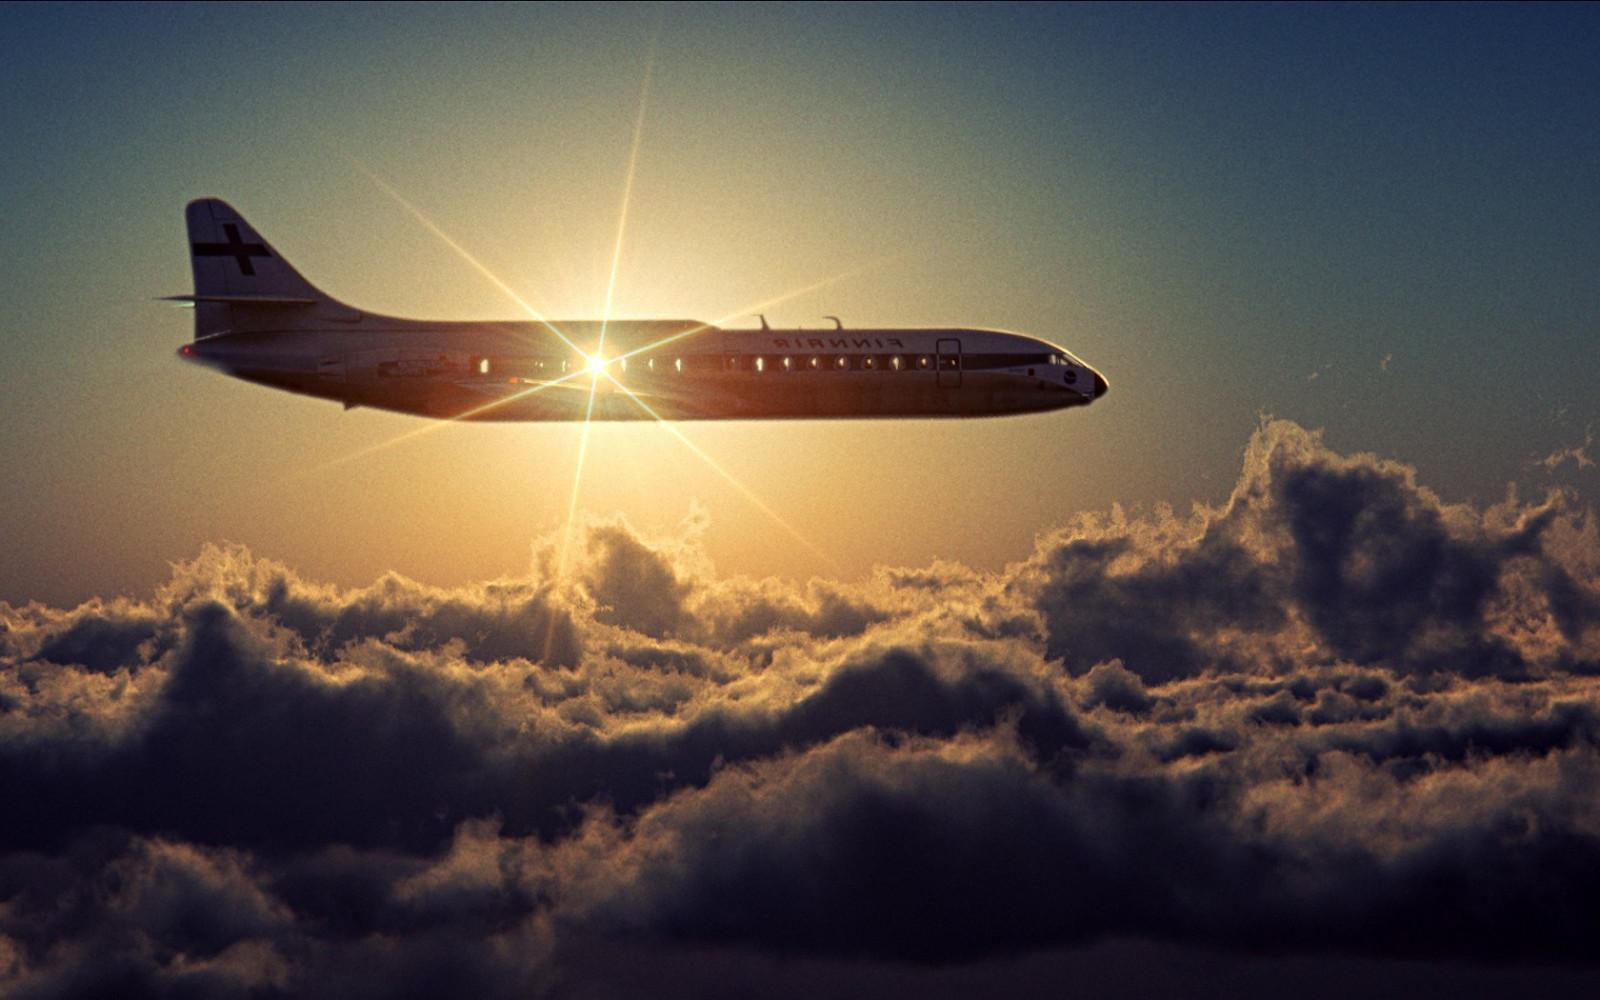 Летящий самолет во сне предвещает получение известий.